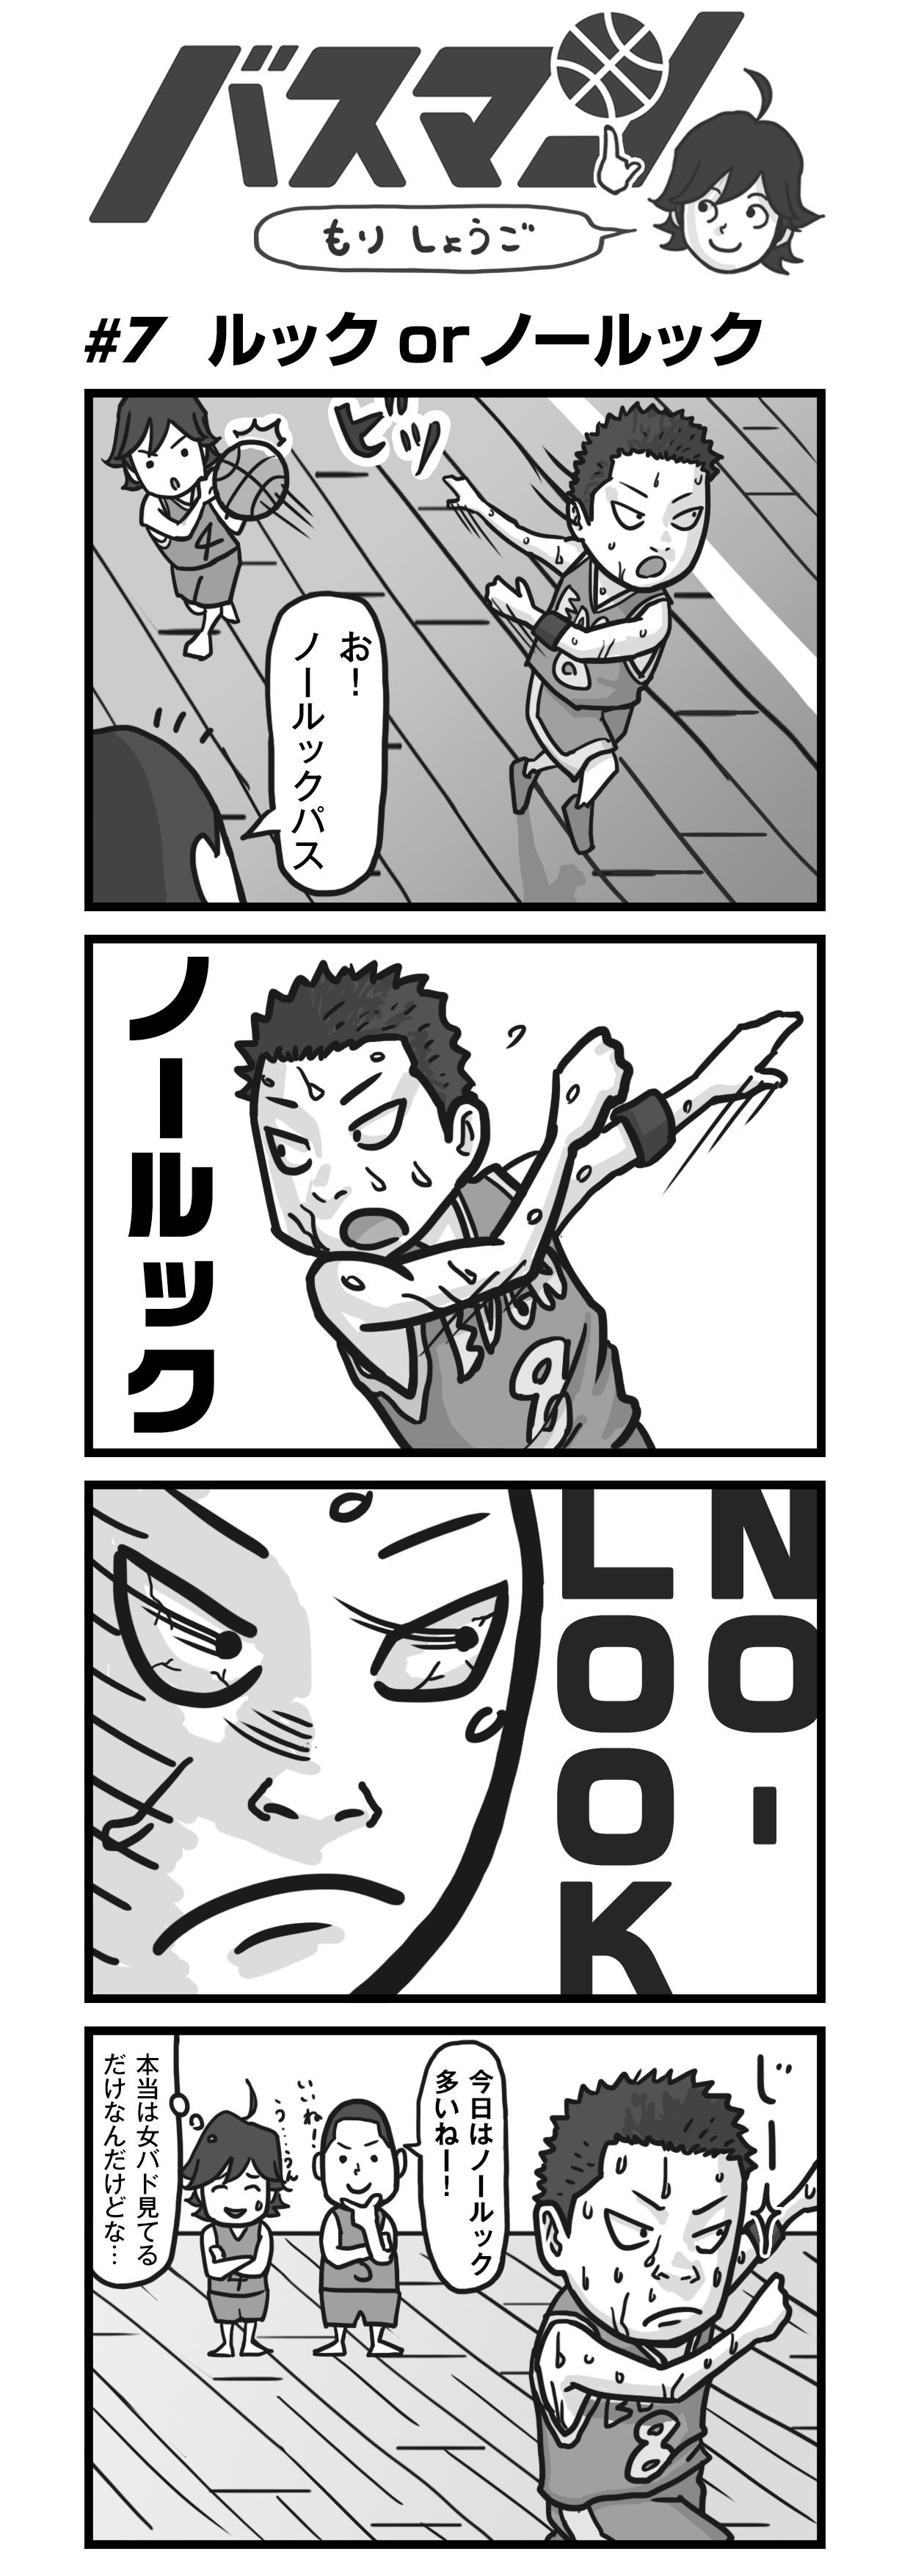 バスマン#007 「ルック or ノールック」